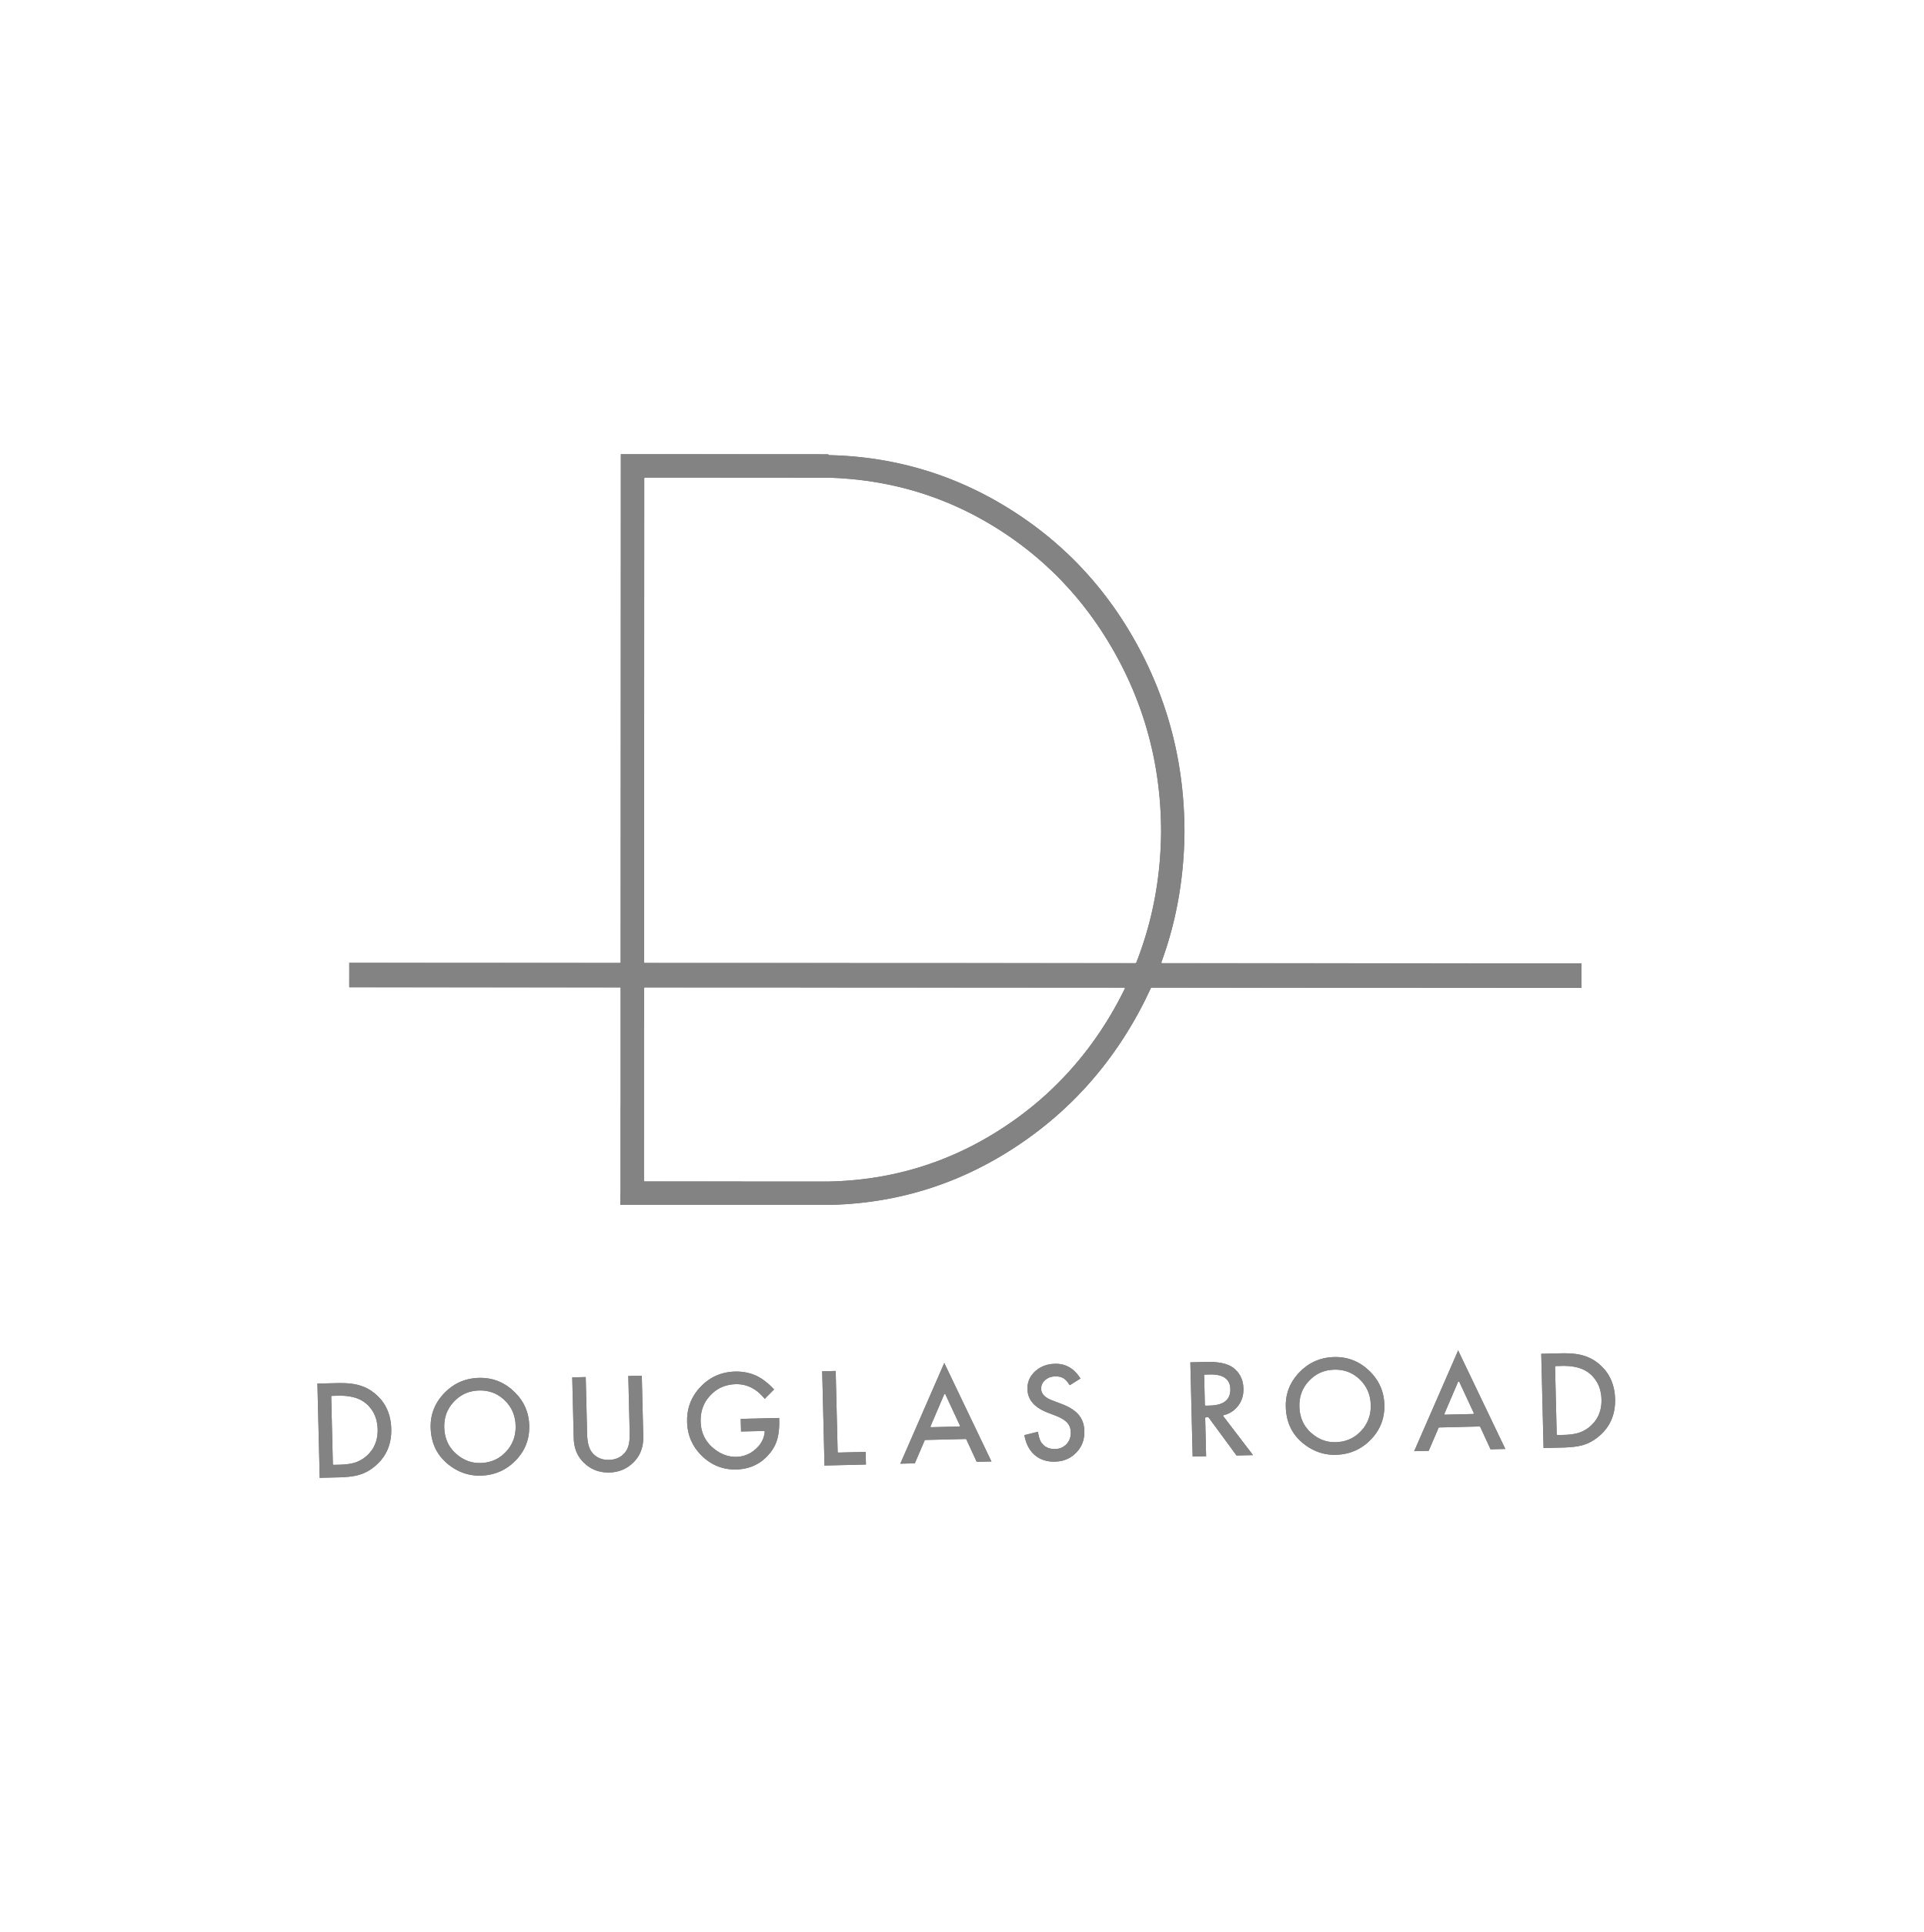 Douglas road logo_white   copy.png